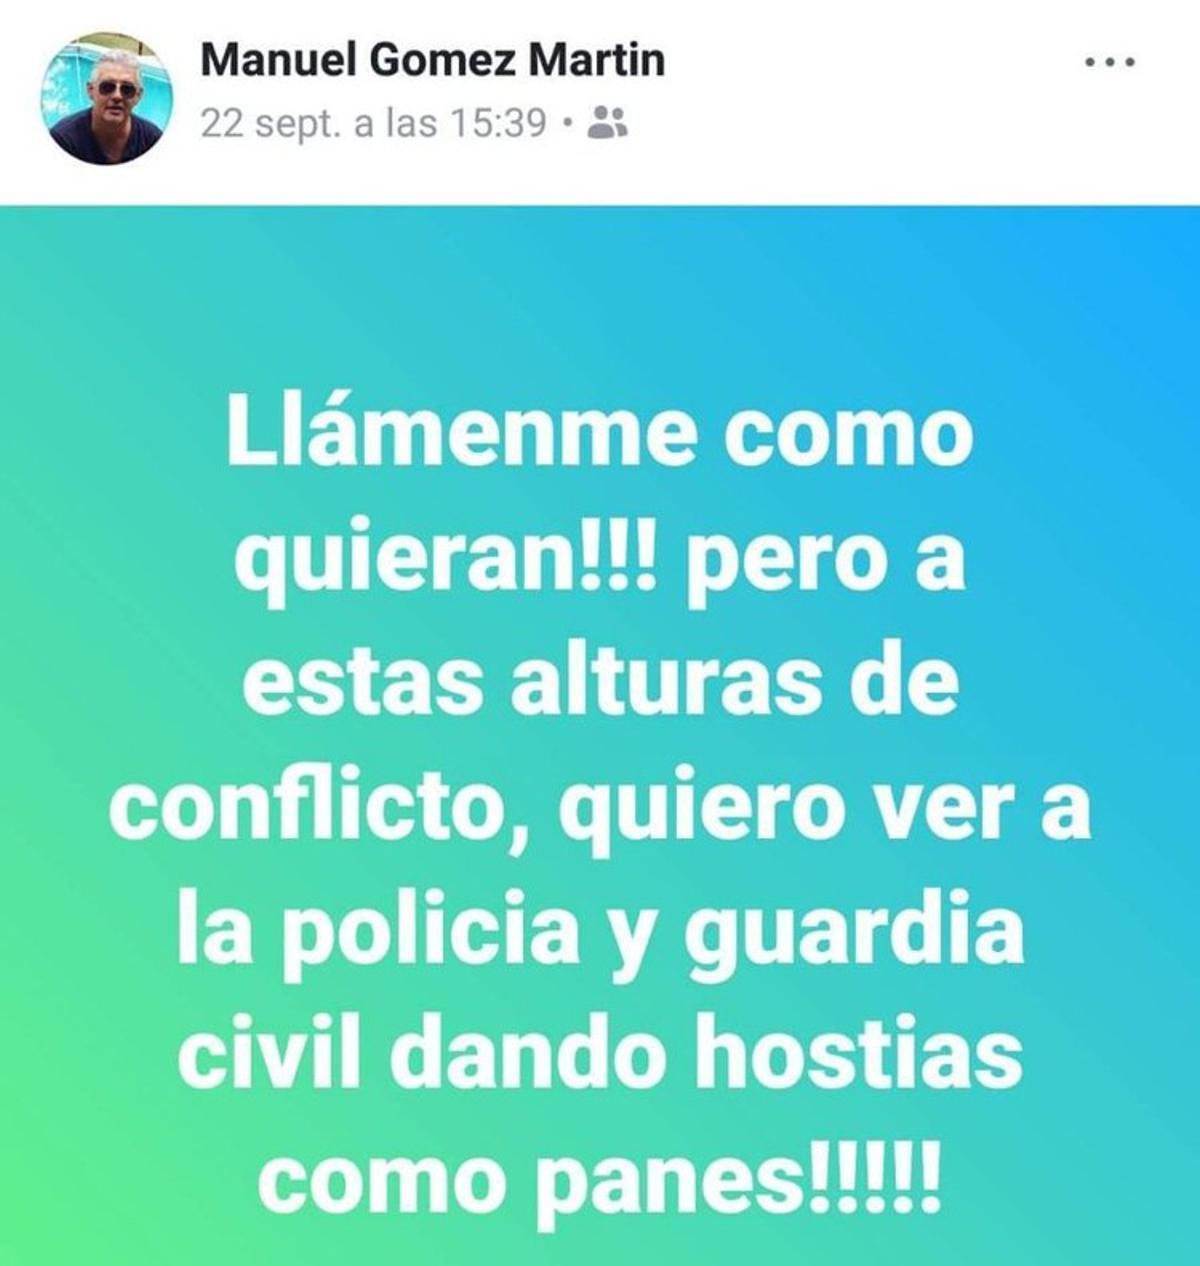 Captura de pantalla del 'post' en Facebook del portavoz del PP en Gibraleón (Huelva) llamando a la Policía y la Guardia Civil a dar hostias como panes.